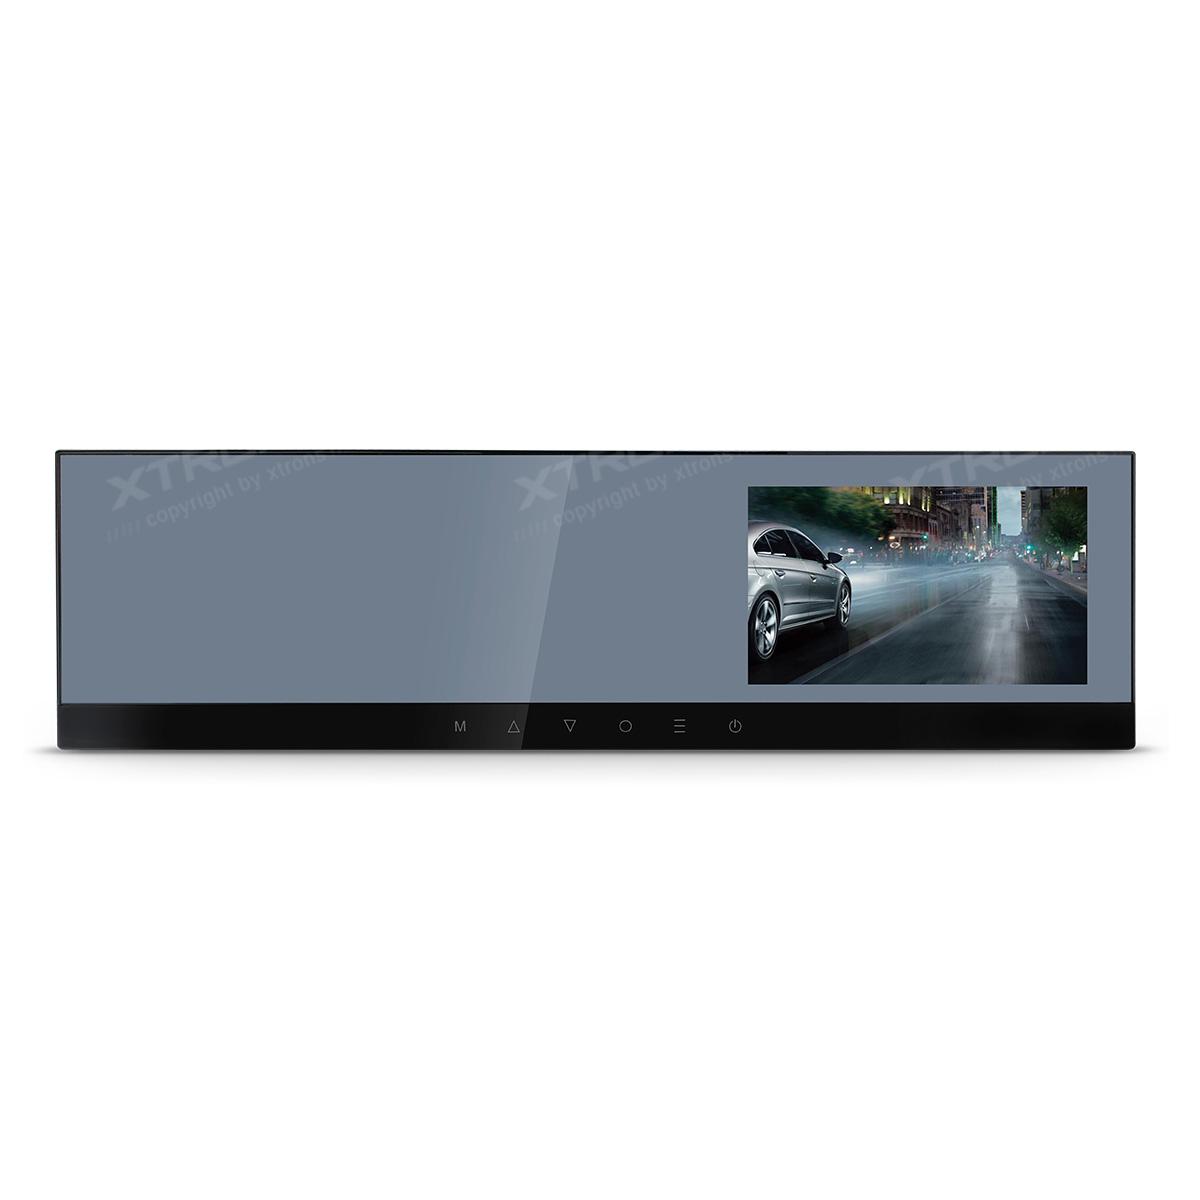 (R7HD) ドライブレコーダー バックミラー 4.3インチ TFTカラー液晶 ミラー型 HD 1280x720高解像度 フレームレート30fps 画角 140度 駐車監視 常時録画 衝撃録画 1年保証